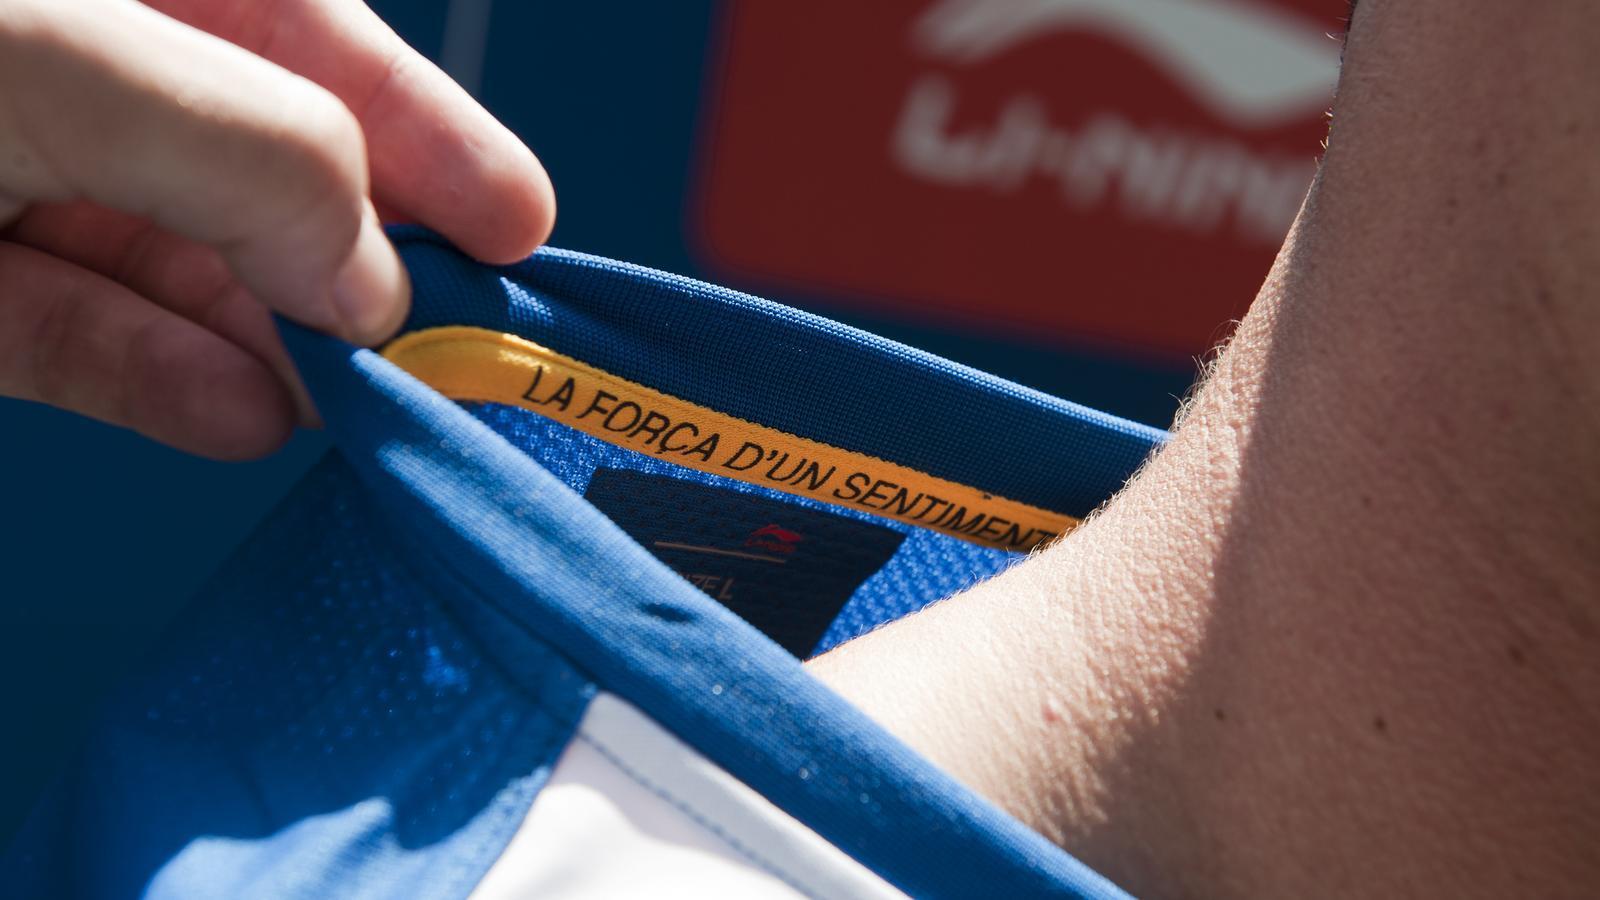 Detall del lema de l'Espanyol a l'interior d'una samarreta